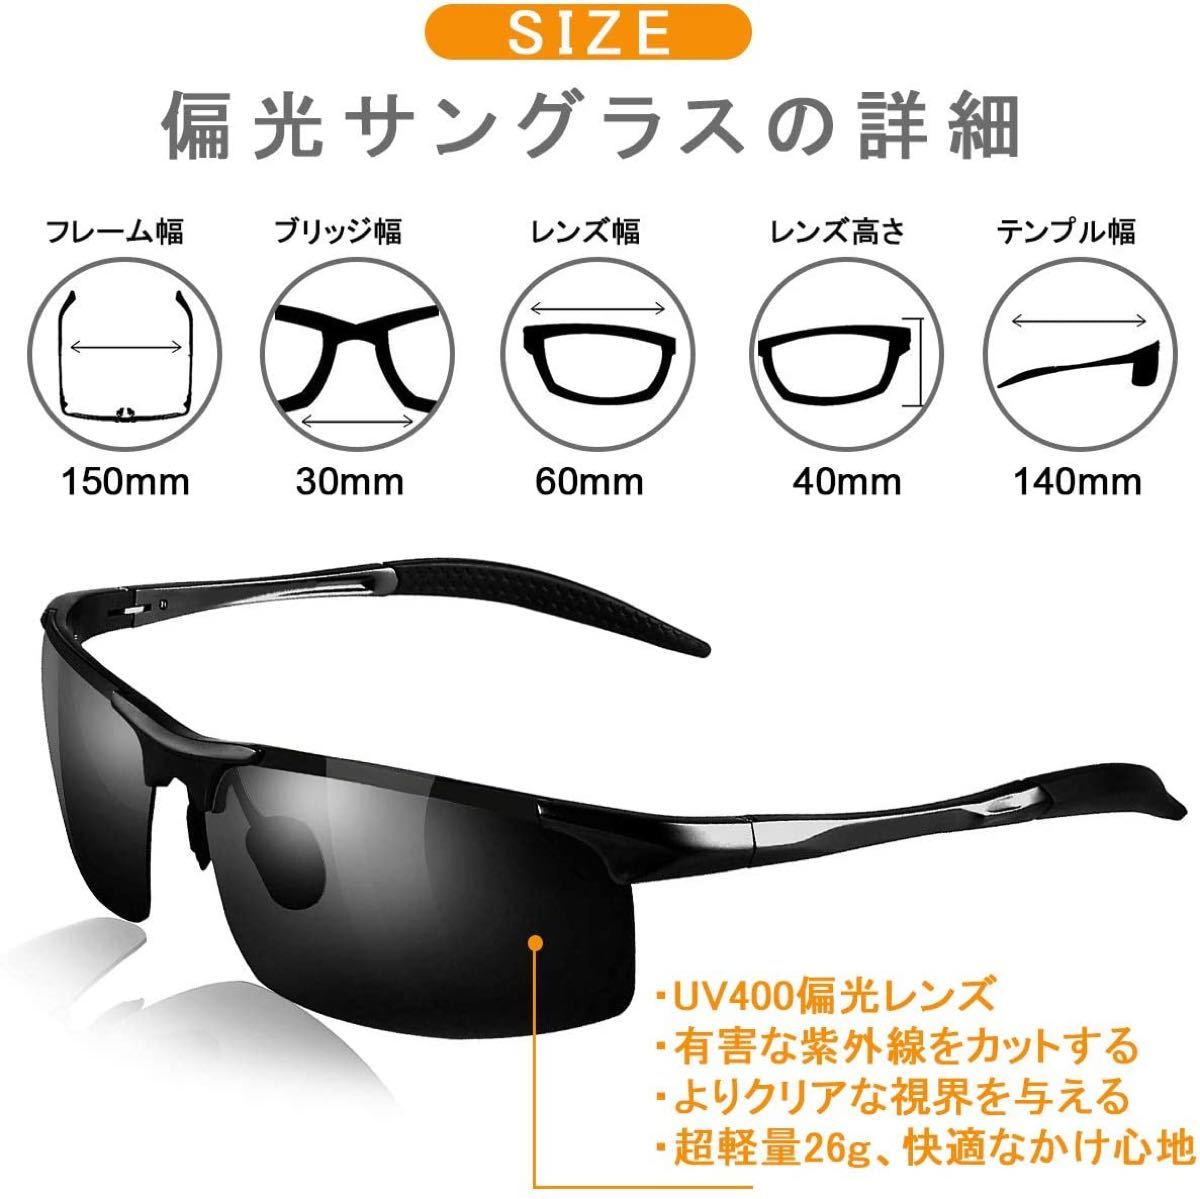 スポーツサングラス UV400 紫外線カット 超軽量メタル 超抗衝撃 男女兼用